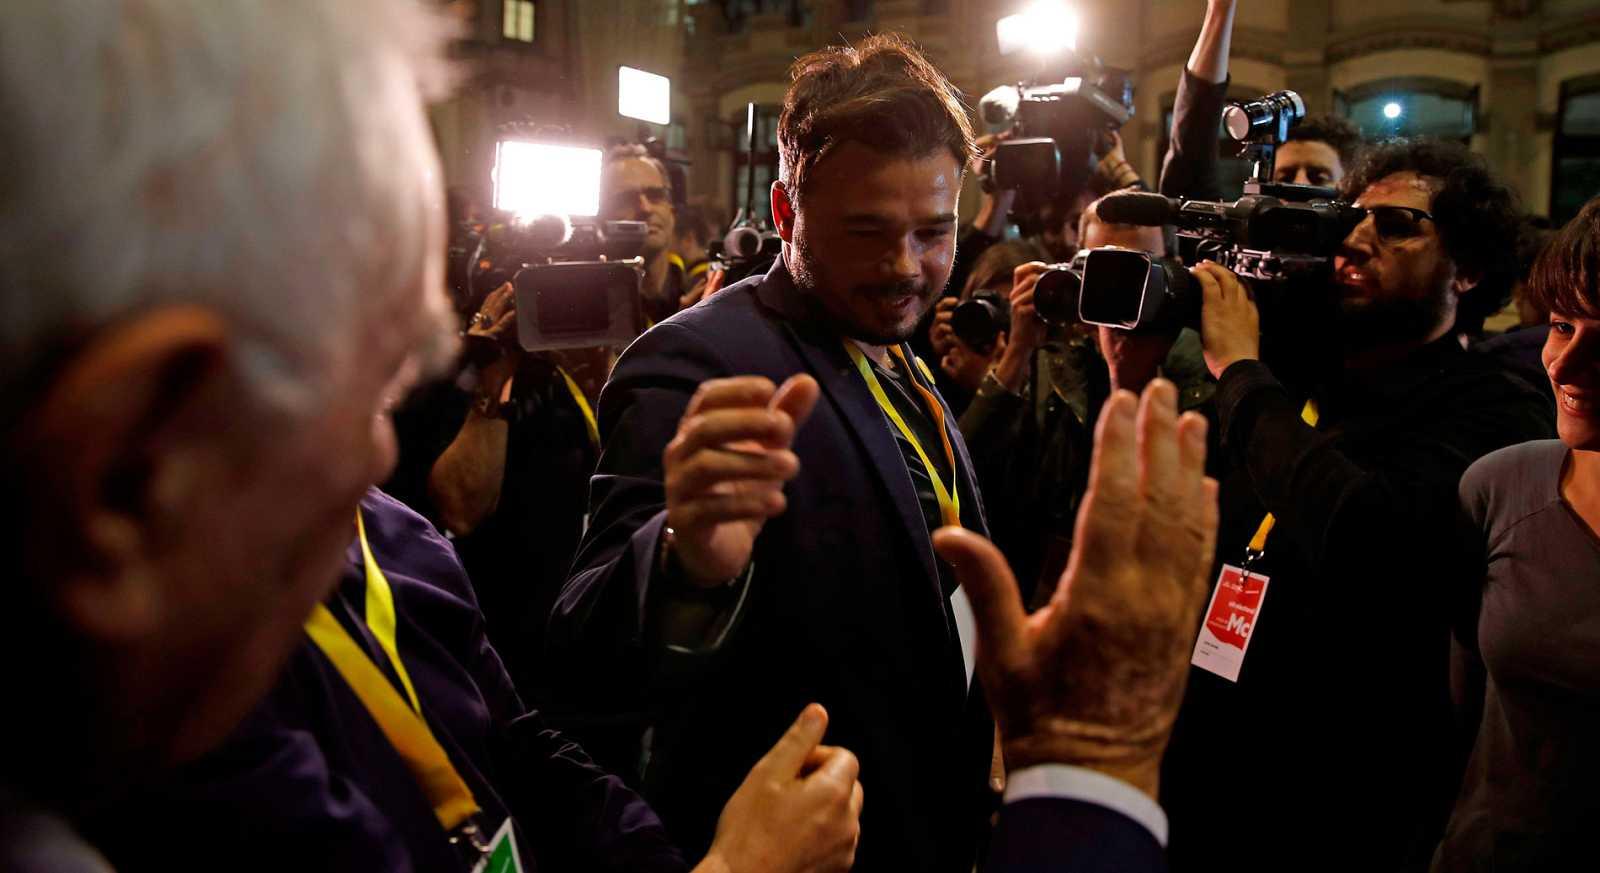 """El número dos de Esquerra Republicana de Catalunya, Gabriel Rufián, ha valorado muy positivamente los resultados de la formación independentista en las Elecciones Generales 2019, en las que ha obtenido 15 escaños. """"Nosotros esta noche somos más felic"""